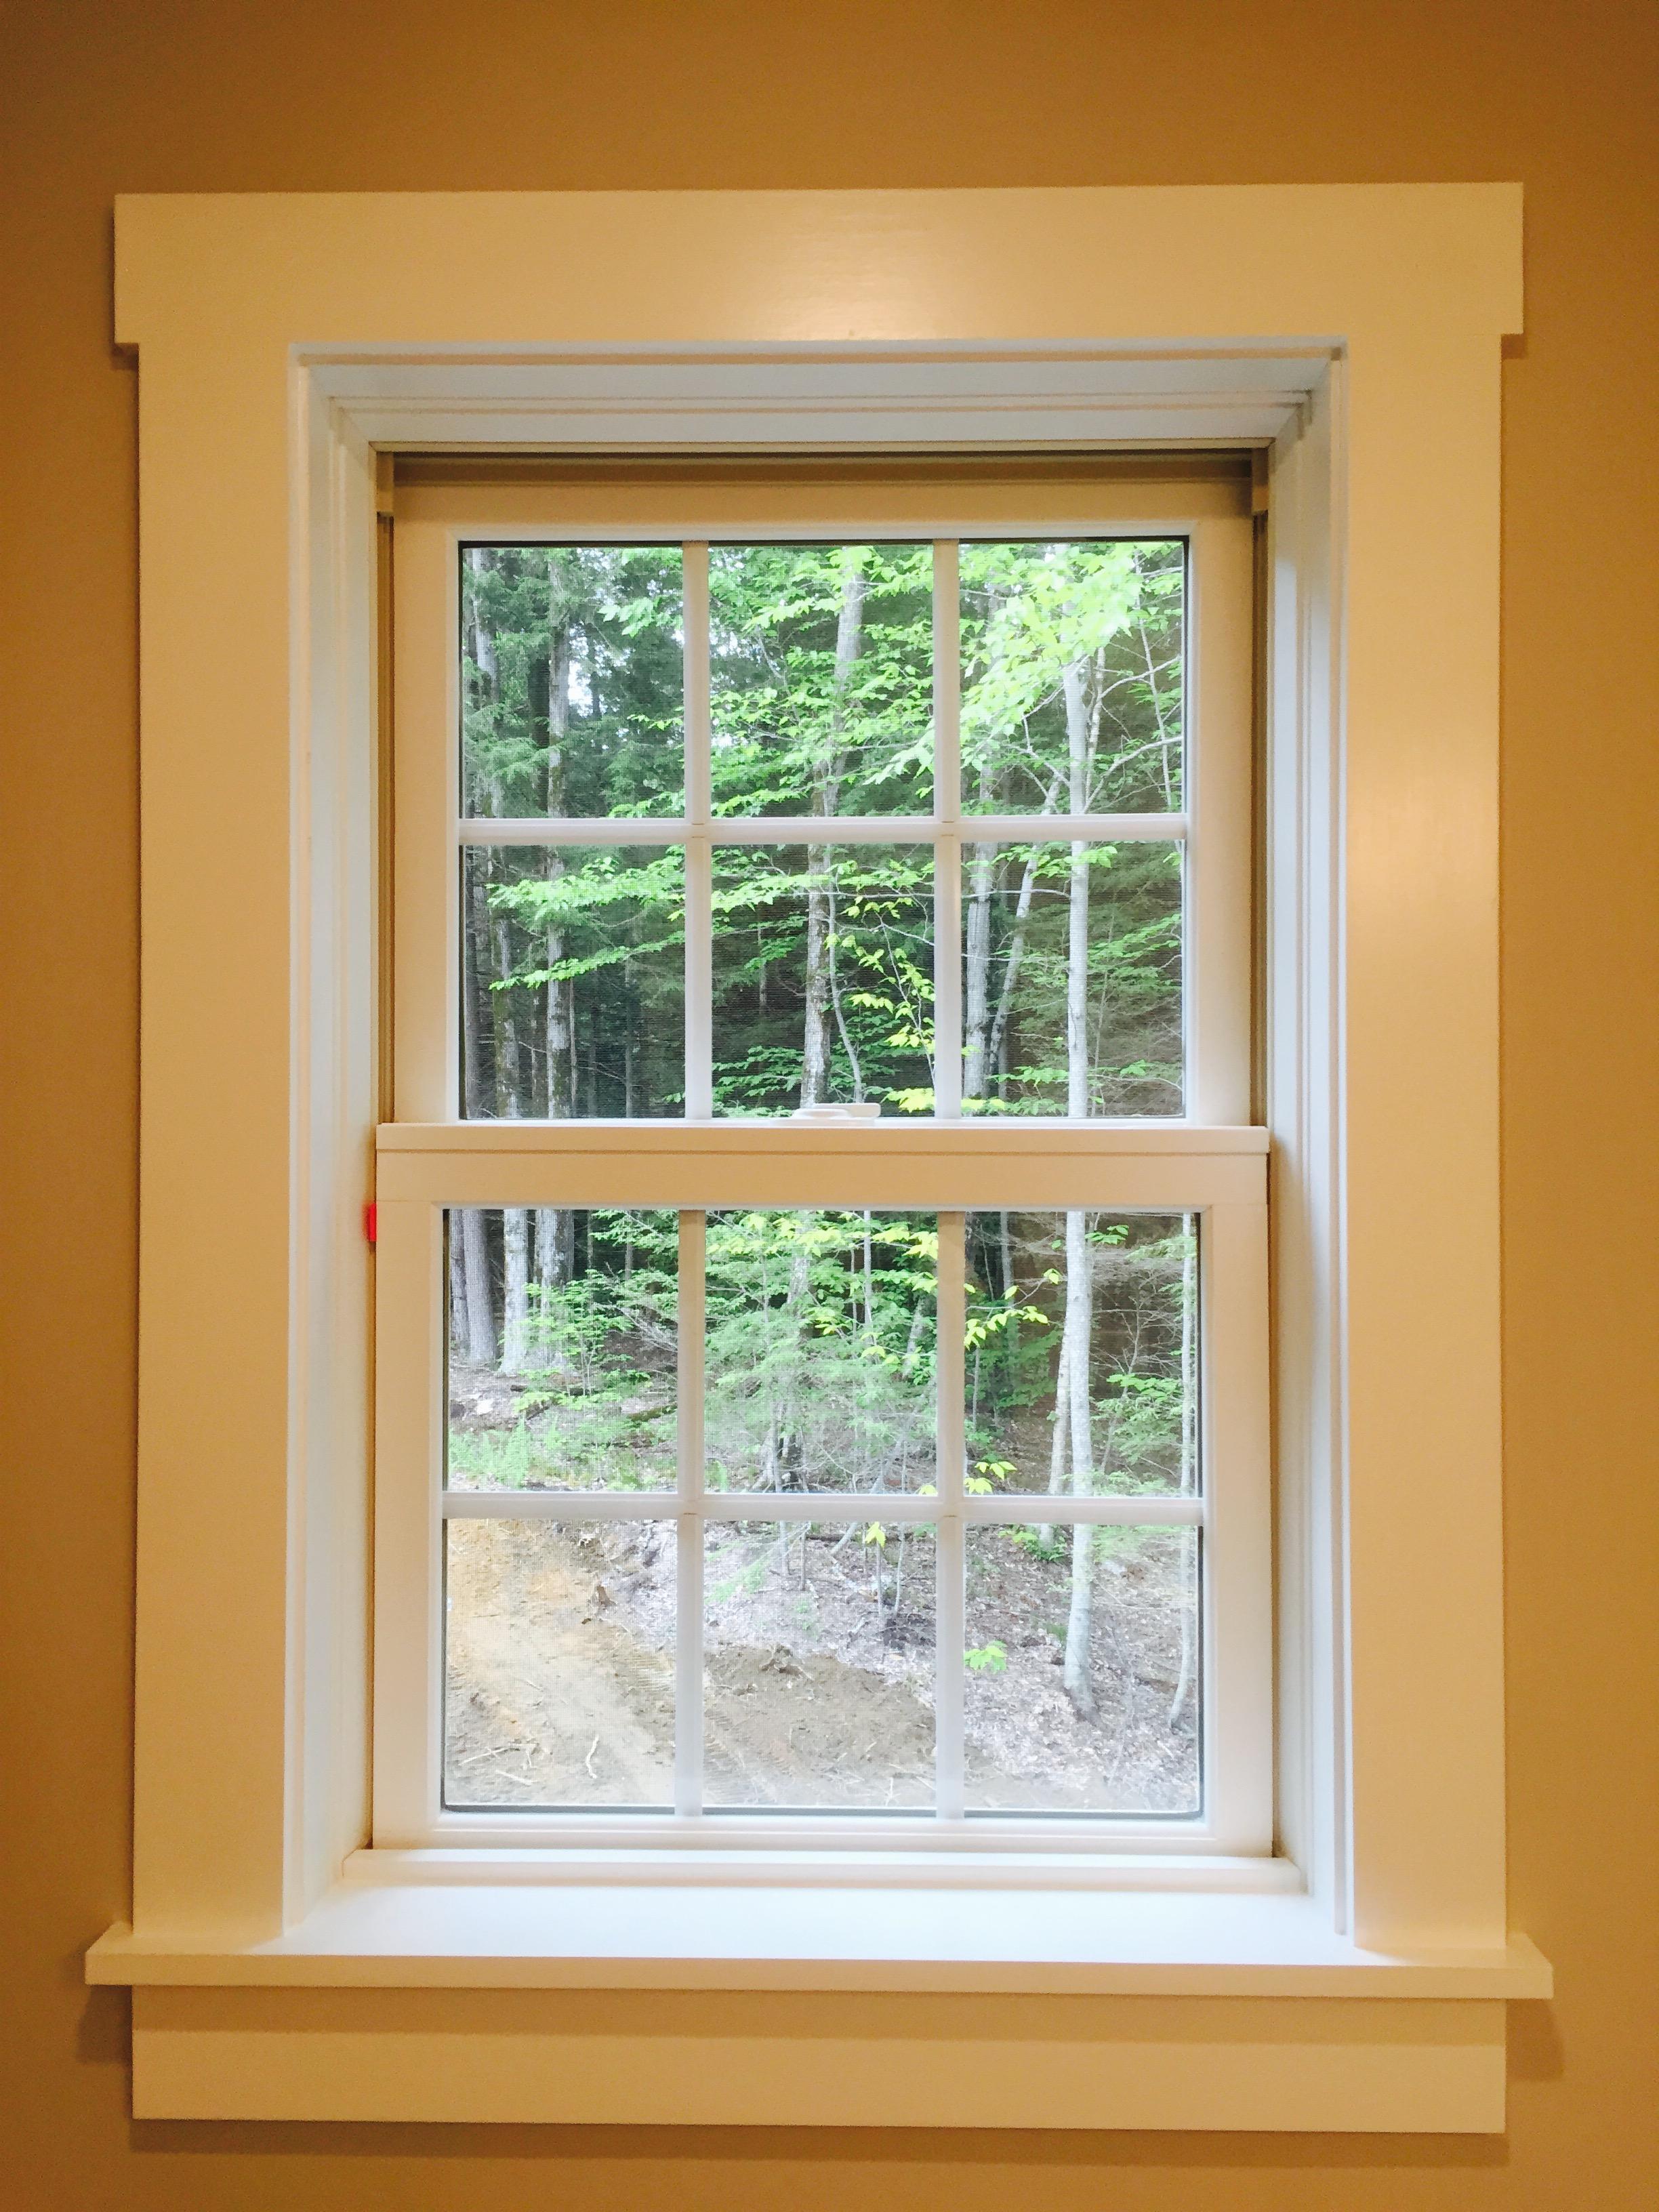 Simonton window and farmhouse trim